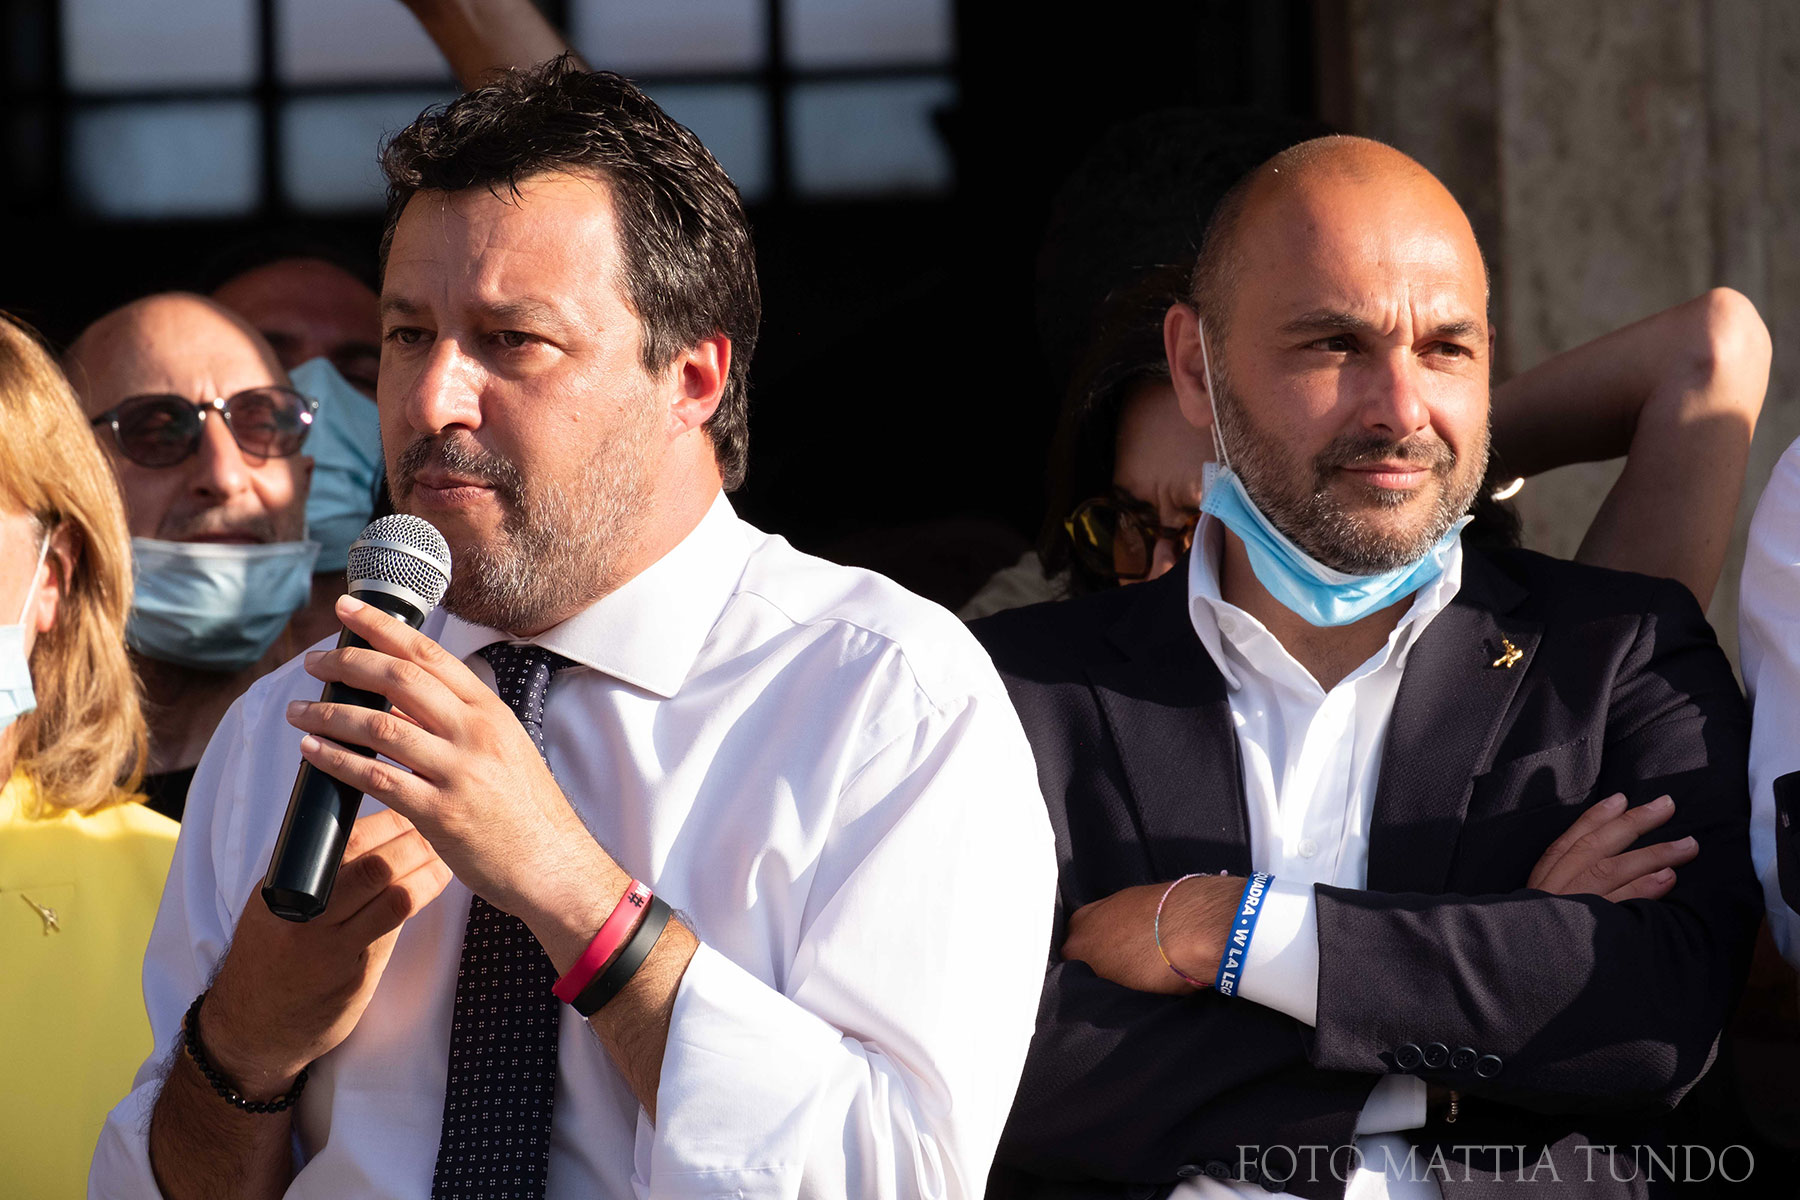 Genovesi vuole la guida del centrodestra unito per la conquista di Avezzano e governare per i prossimi 10 anni